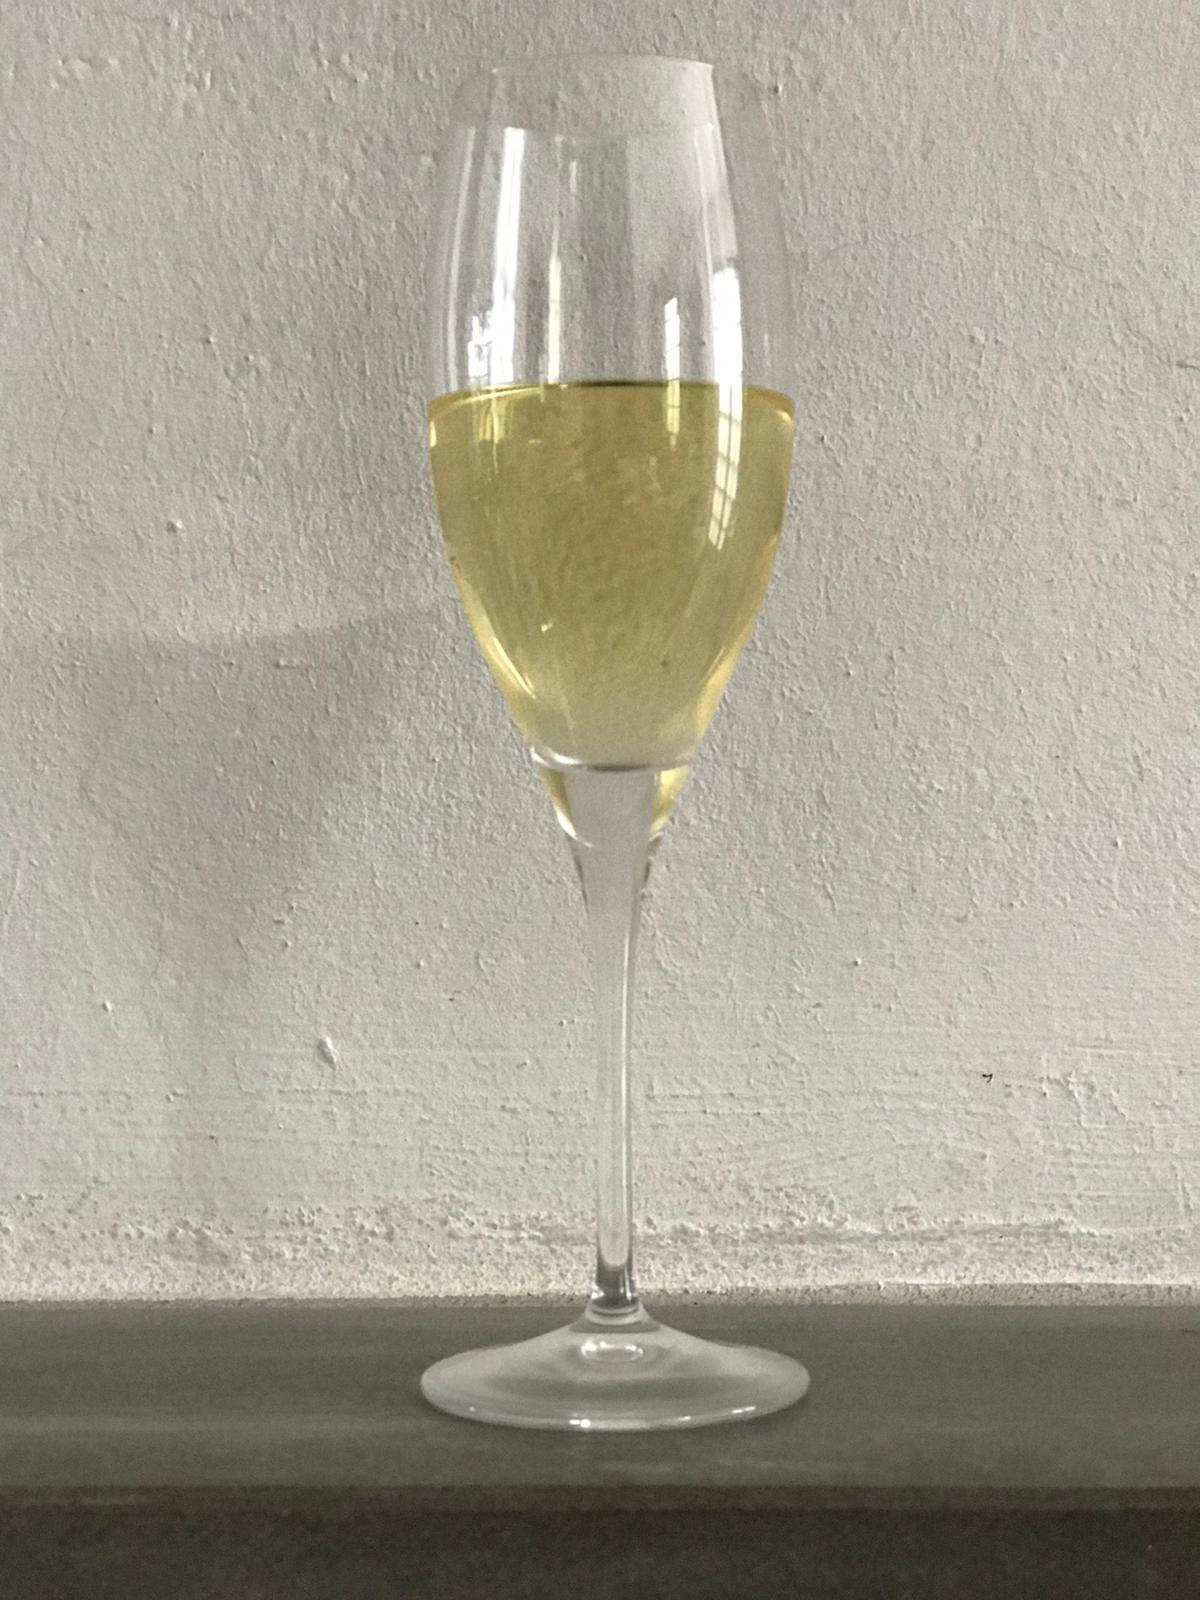 La quantità ideale di spumante in un bicchiere